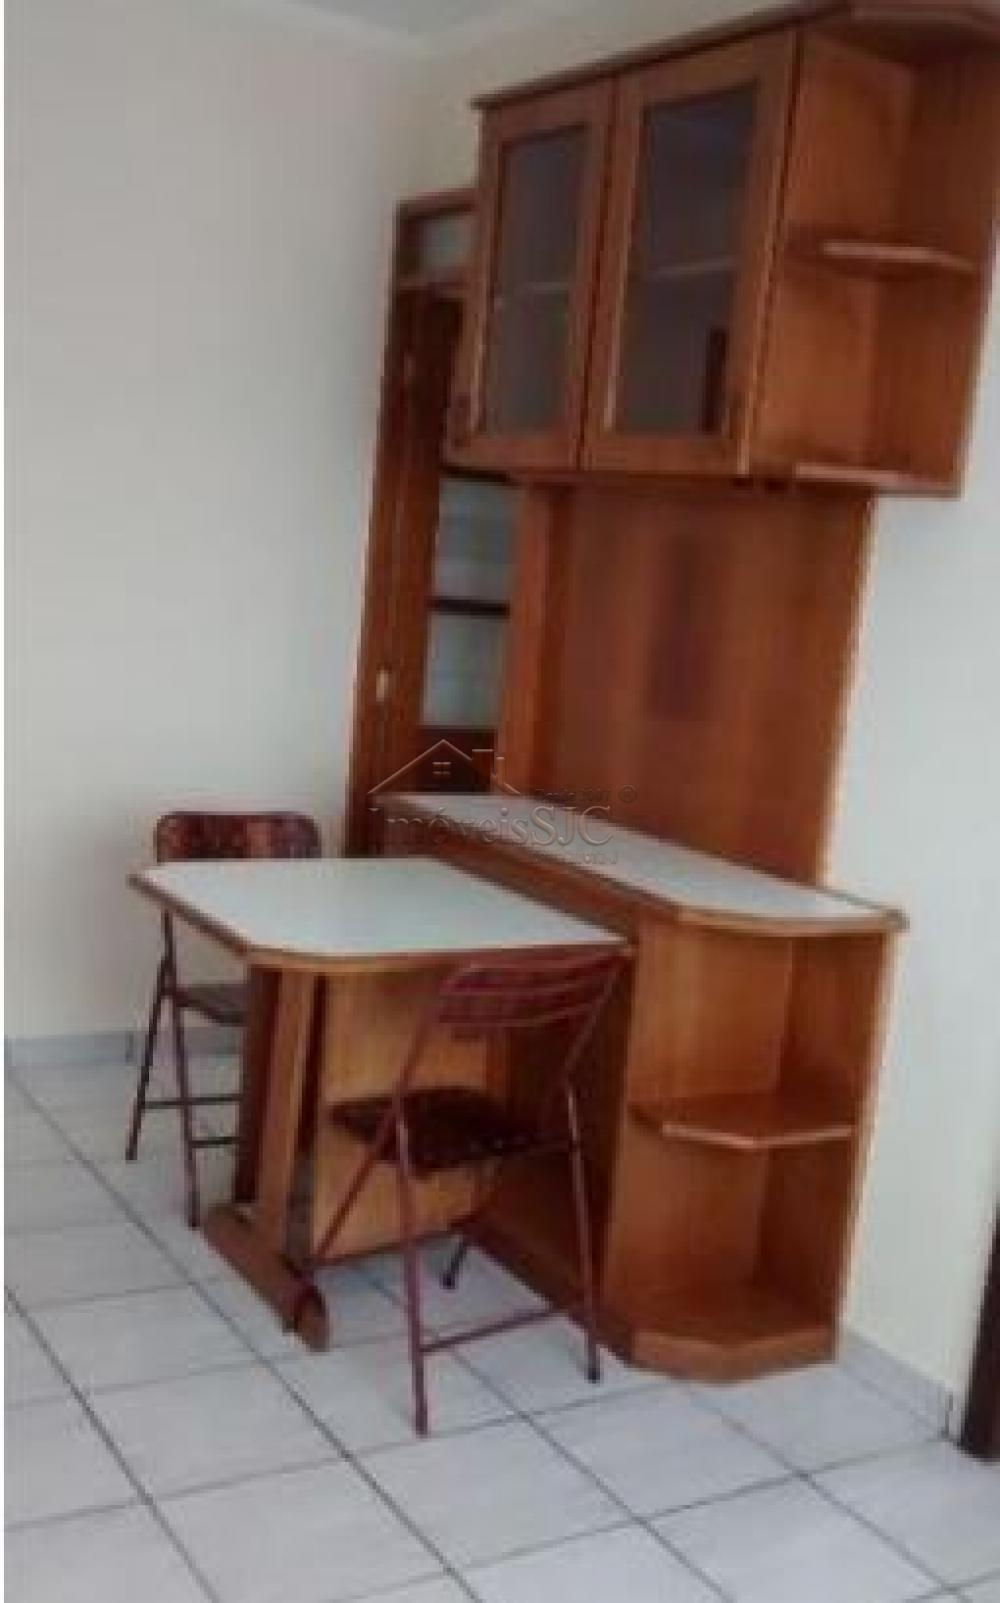 Comprar Apartamentos / Padrão em São José dos Campos apenas R$ 235.000,00 - Foto 7